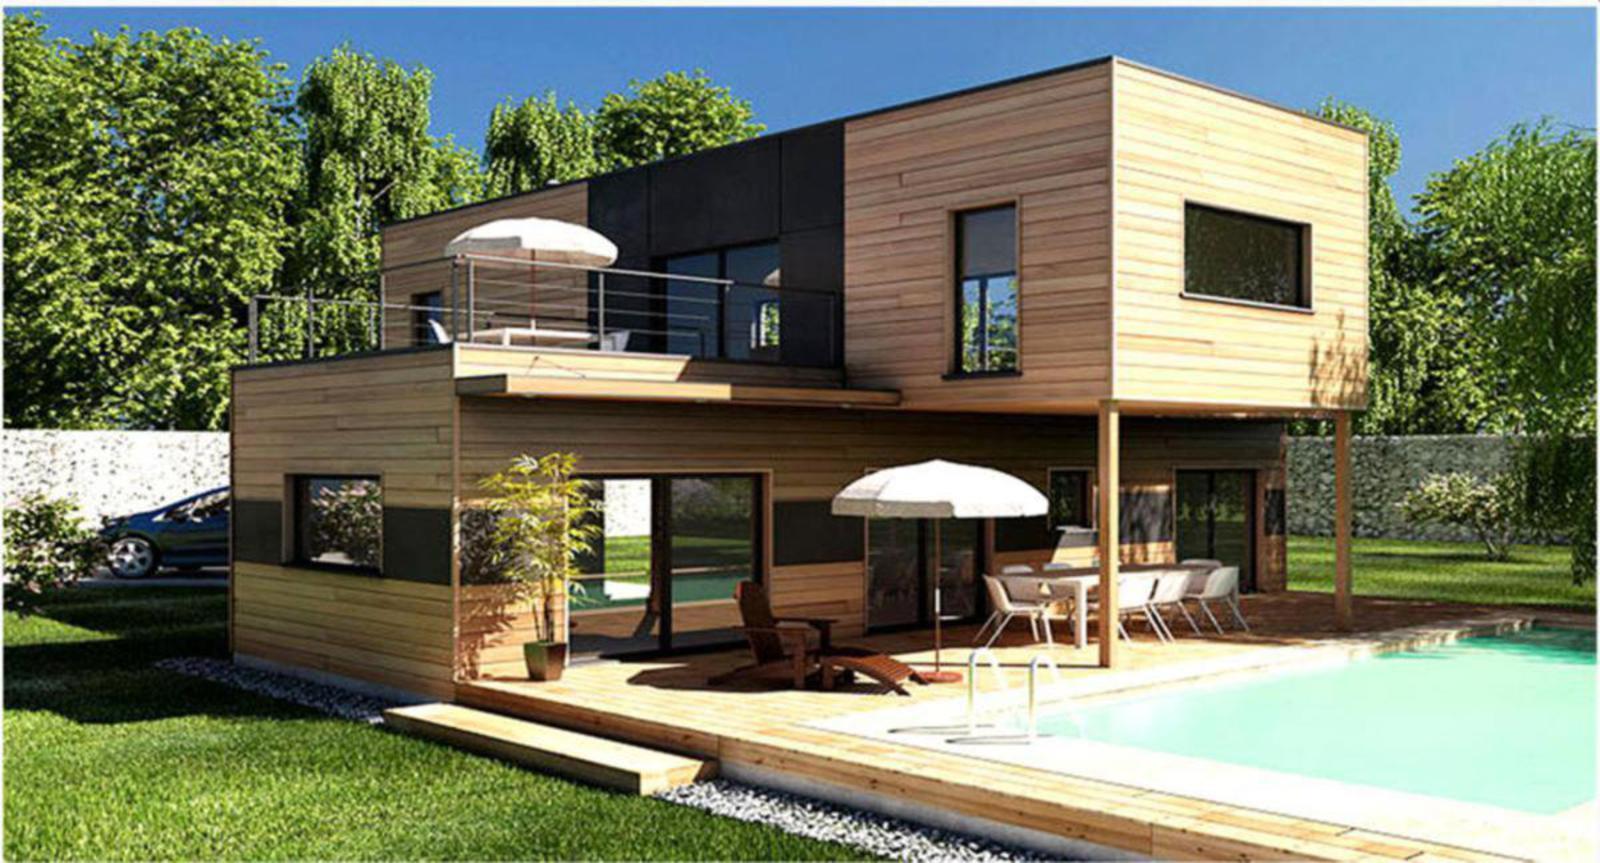 Bungalows modulares a medida casas de madera y for Casas de madera a medida